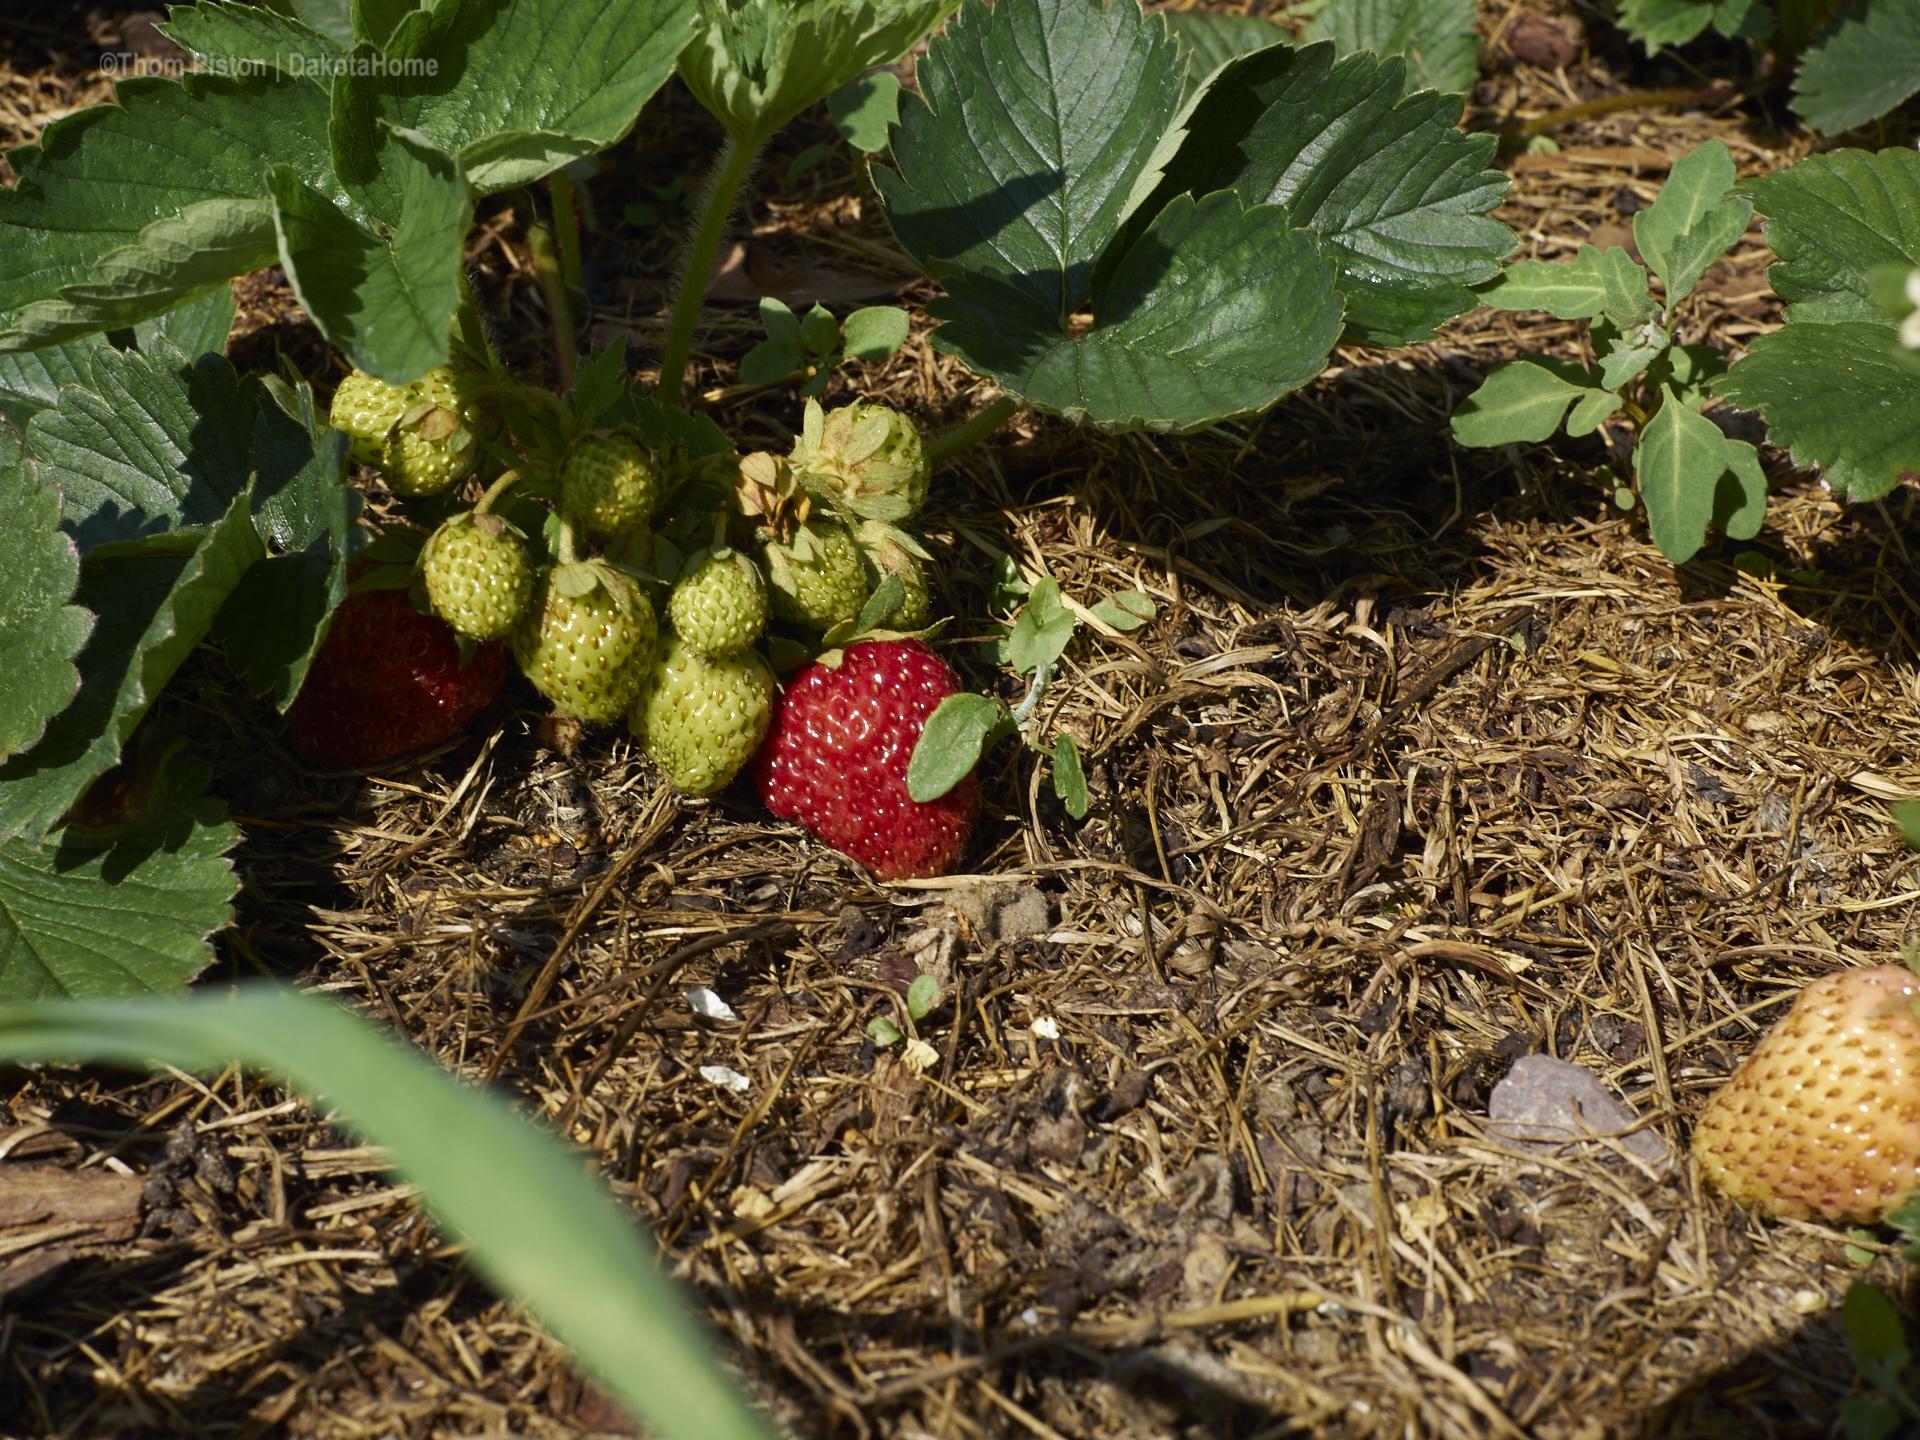 Erdbeerpflanzen durften auch raus vorige Woche, und jetzte erfreuen sie den Giessmeister..jeden morgen..:)